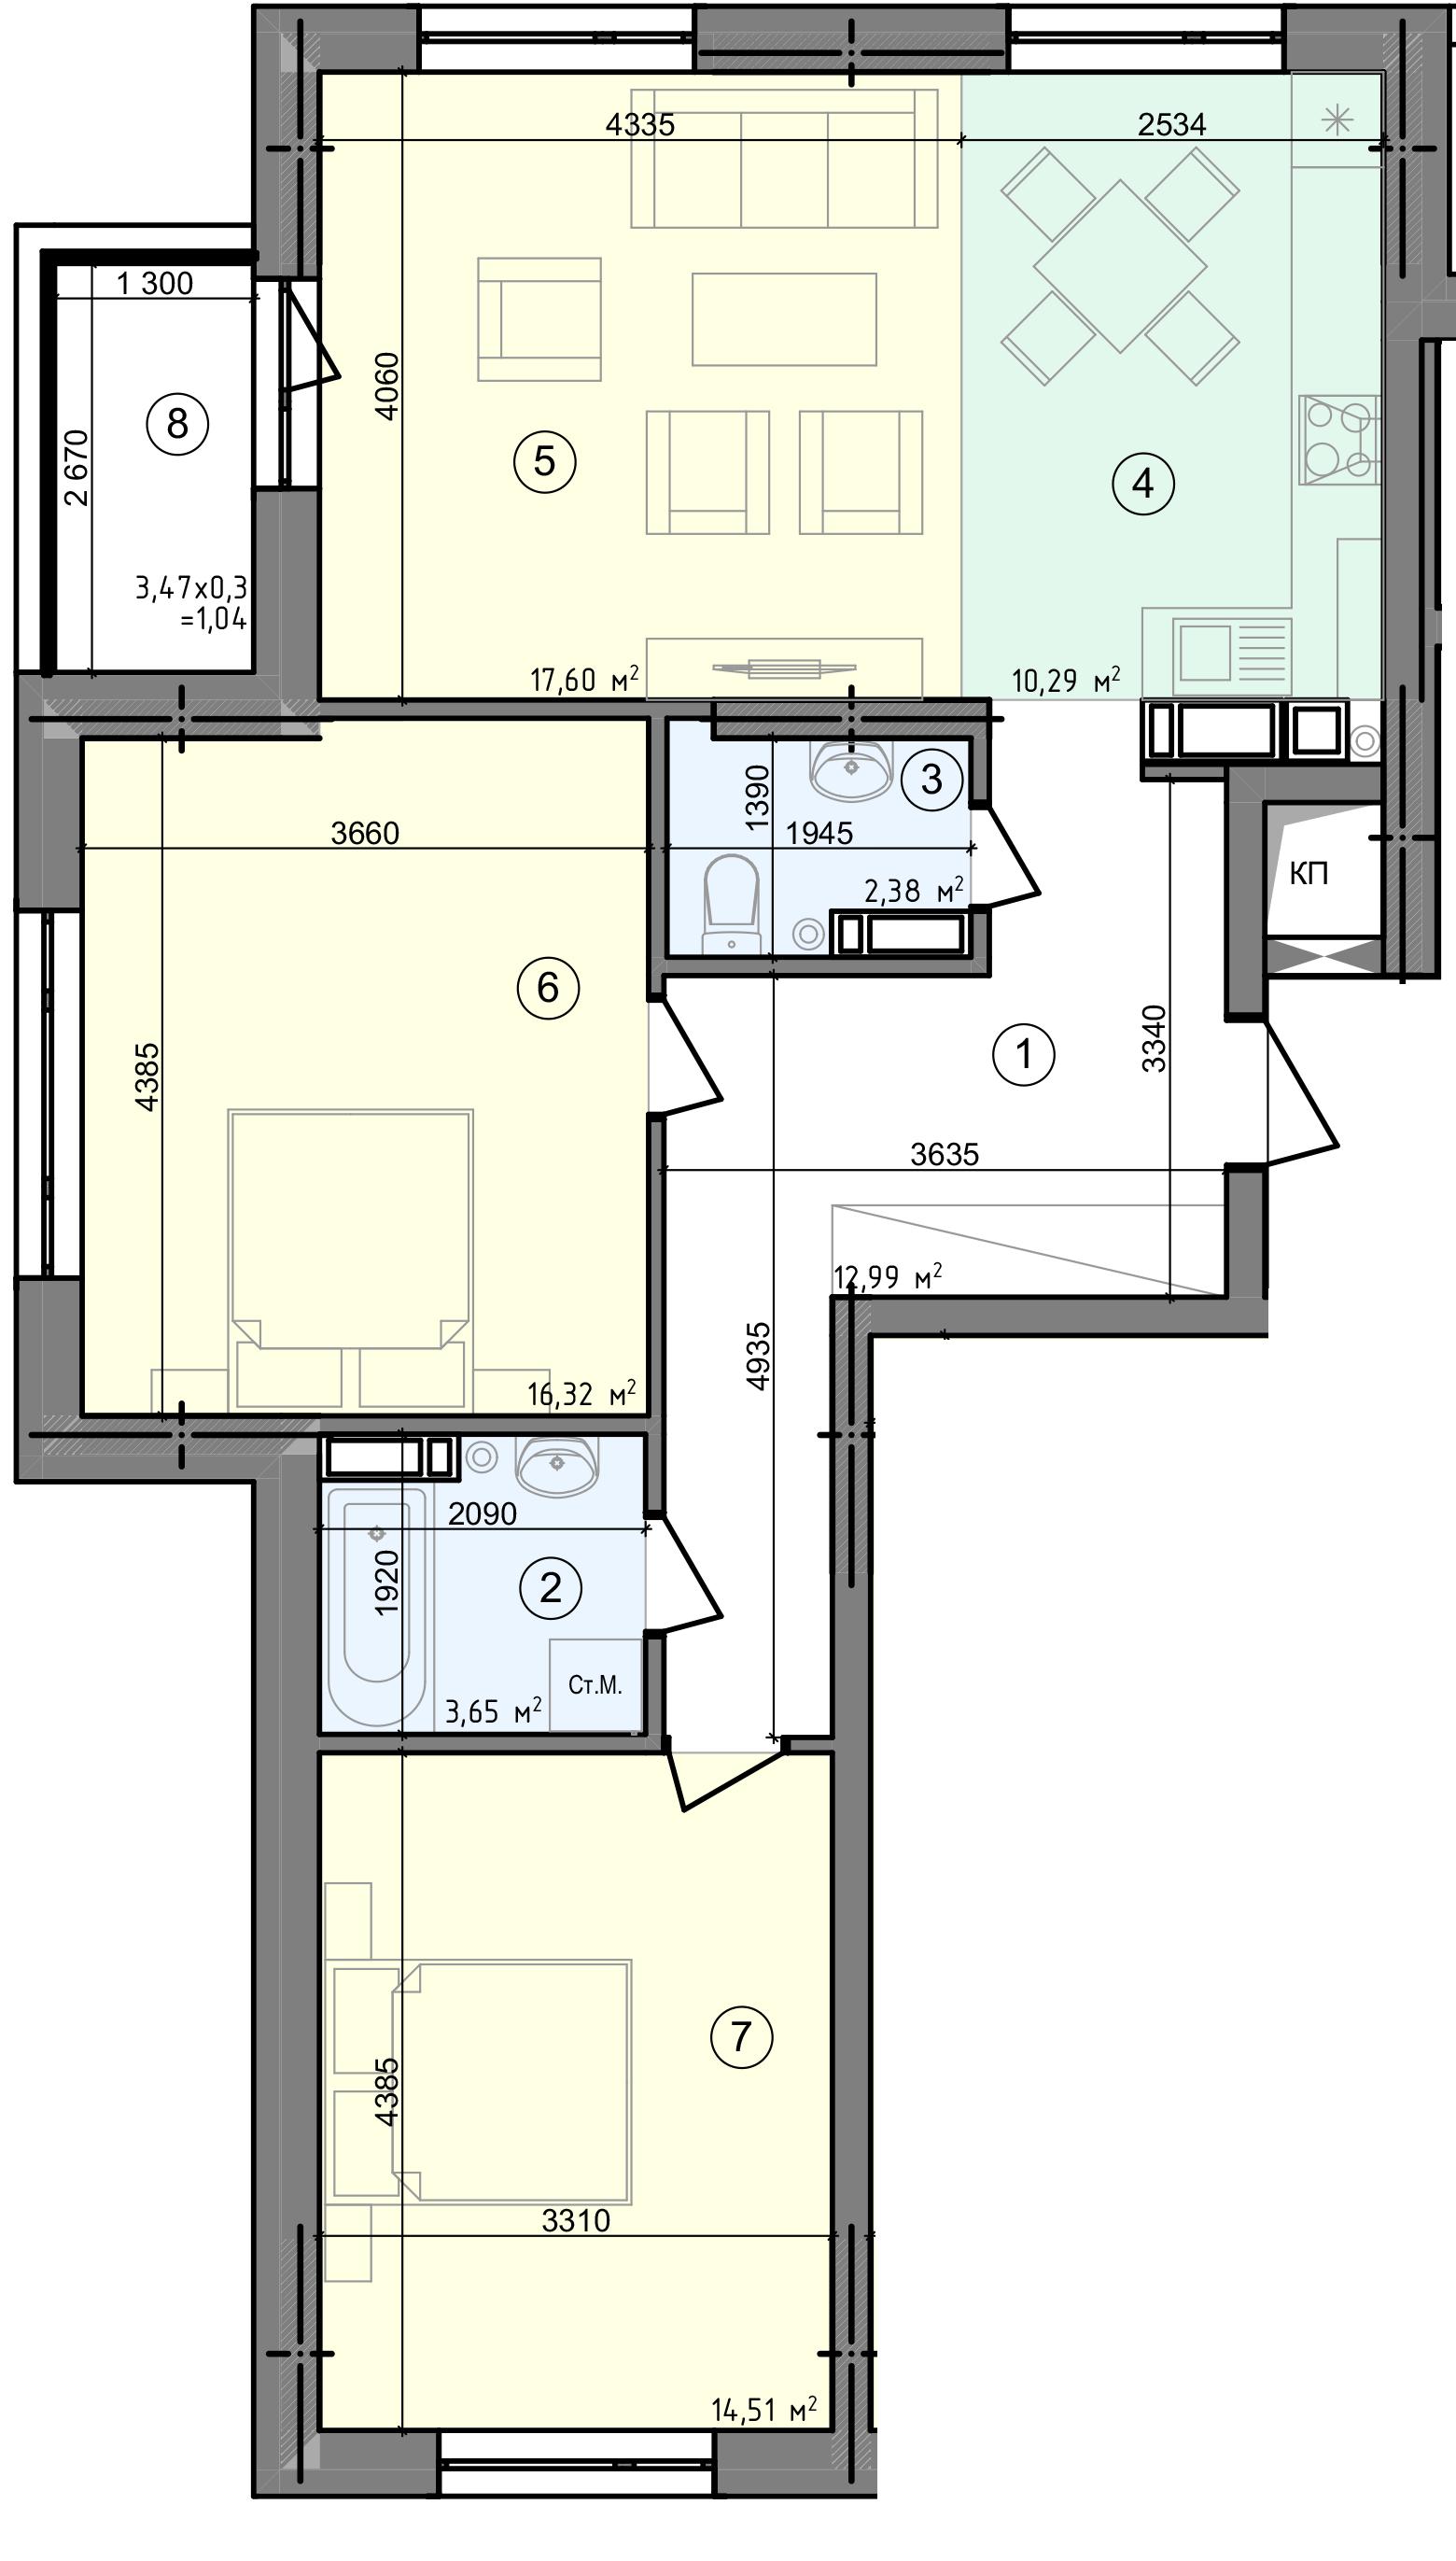 Купить Трехкомнатная квартира 78,78 кв.м., тип 3.1, дом  3, секция 1 в Киеве Голосеевский район